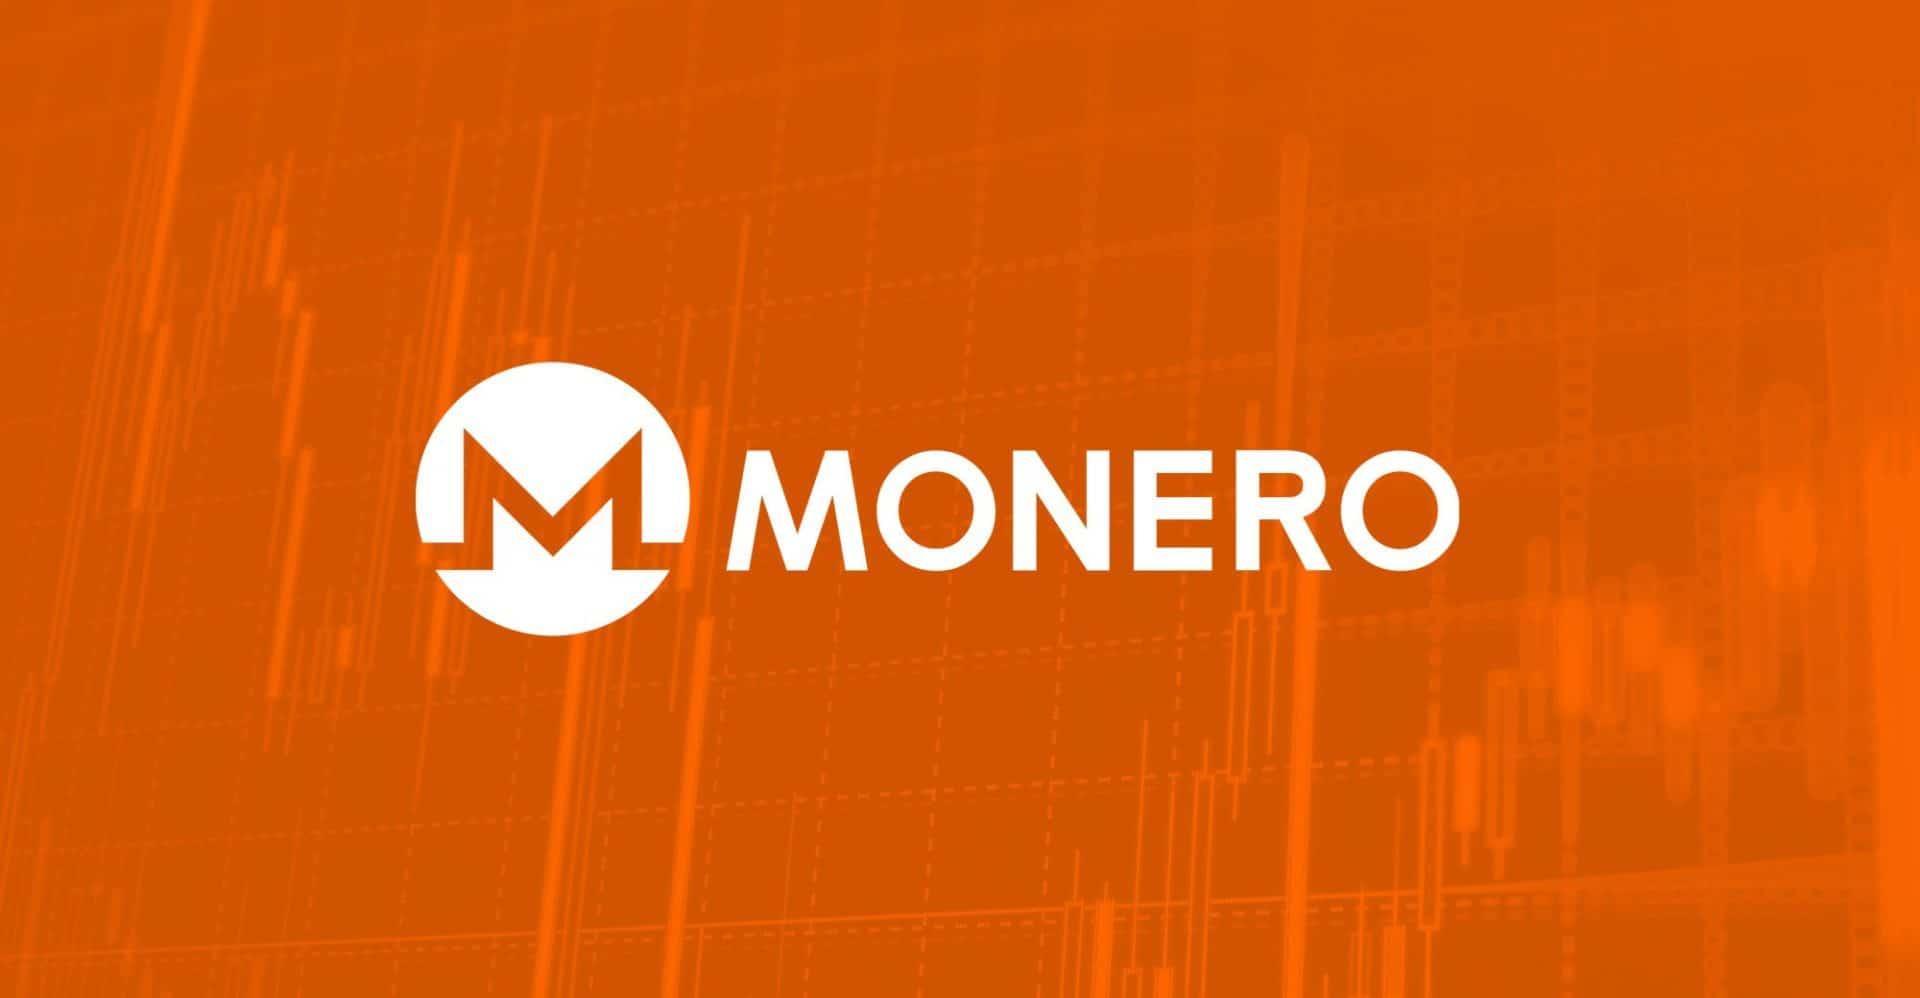 Майнинг криптовалюты Monero на алгоритме RandomX